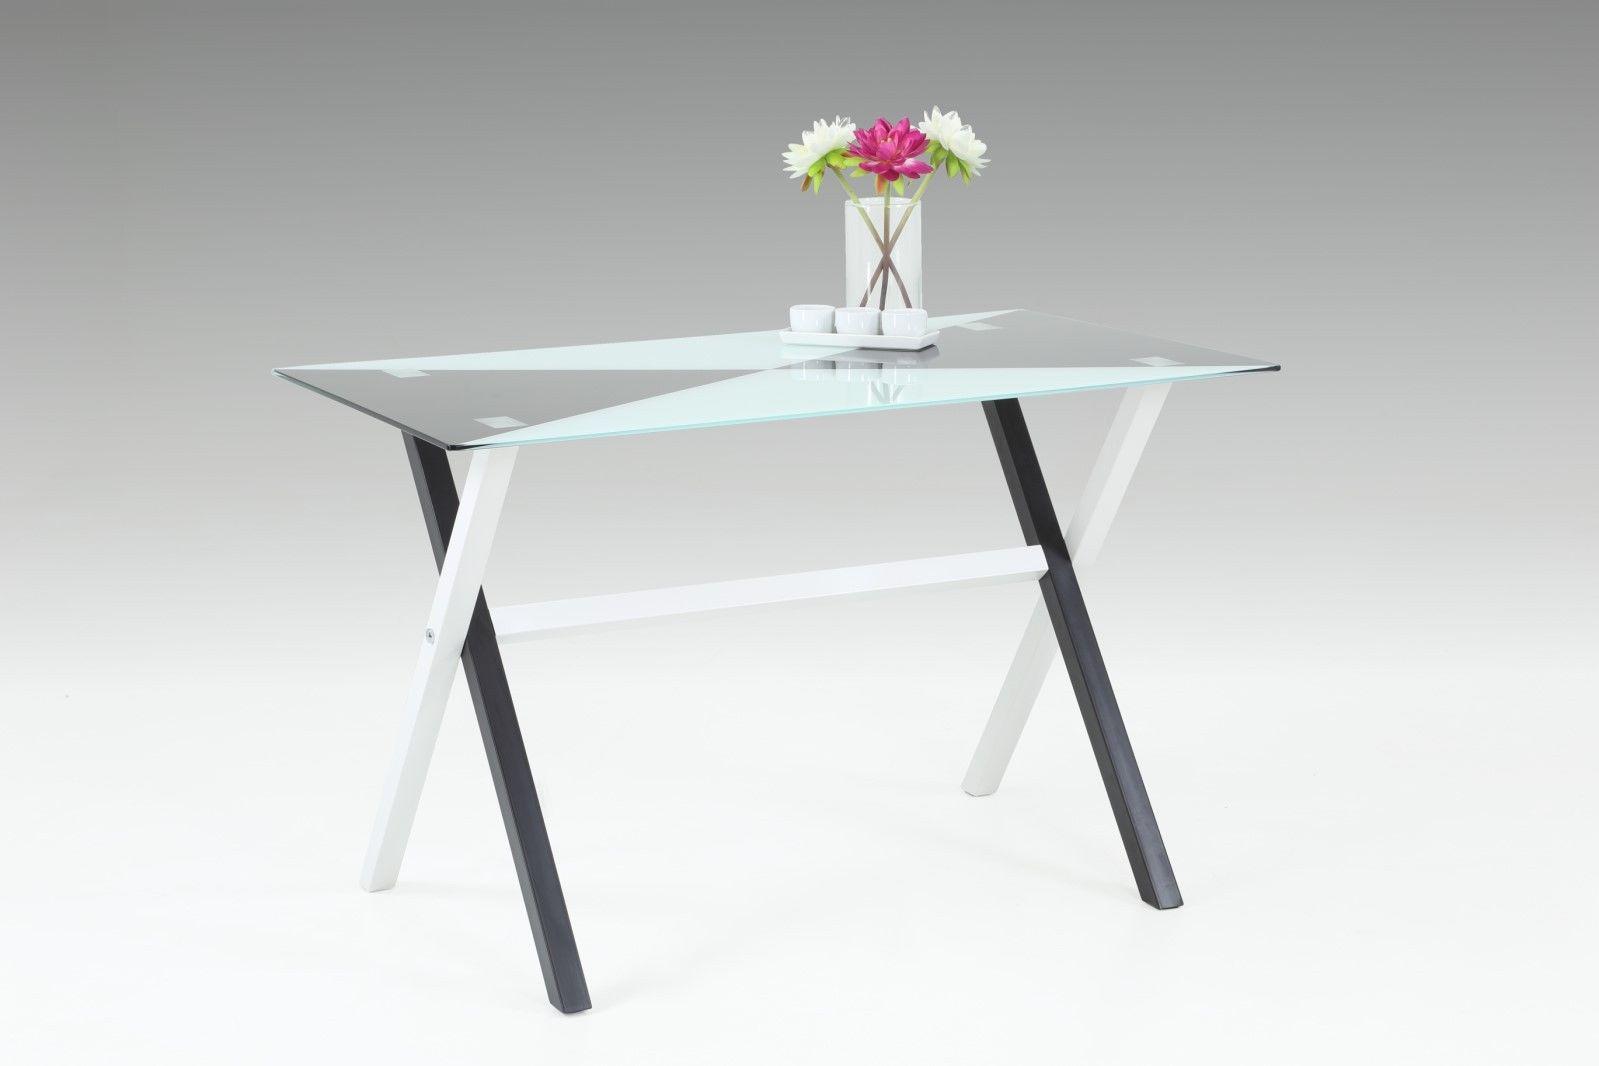 Elegant Awesome Esstisch Tisch Betty X Form Gestell X Cm With Esstisch Wei With Wei  Cm With Wei 120 X 60